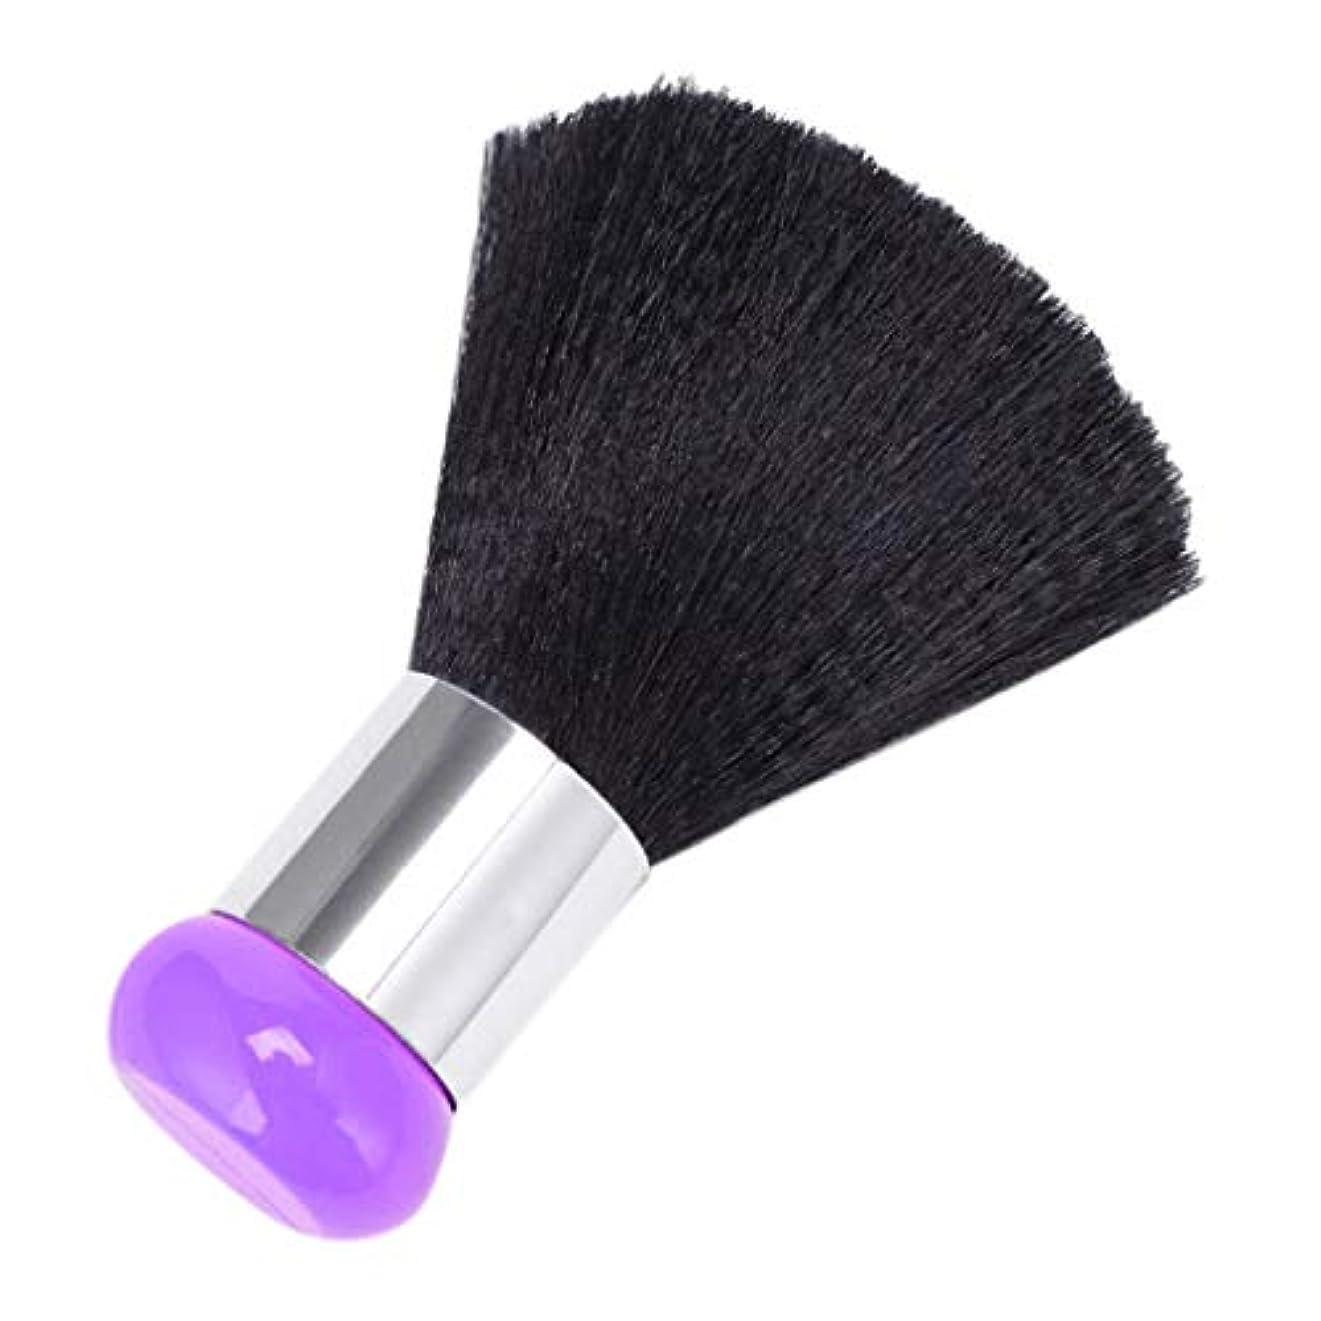 猫背巨人音節B Baosity ヘアカット ネックダスタークリーナー ヘアブラシ サロンツール 2色選べ - 紫